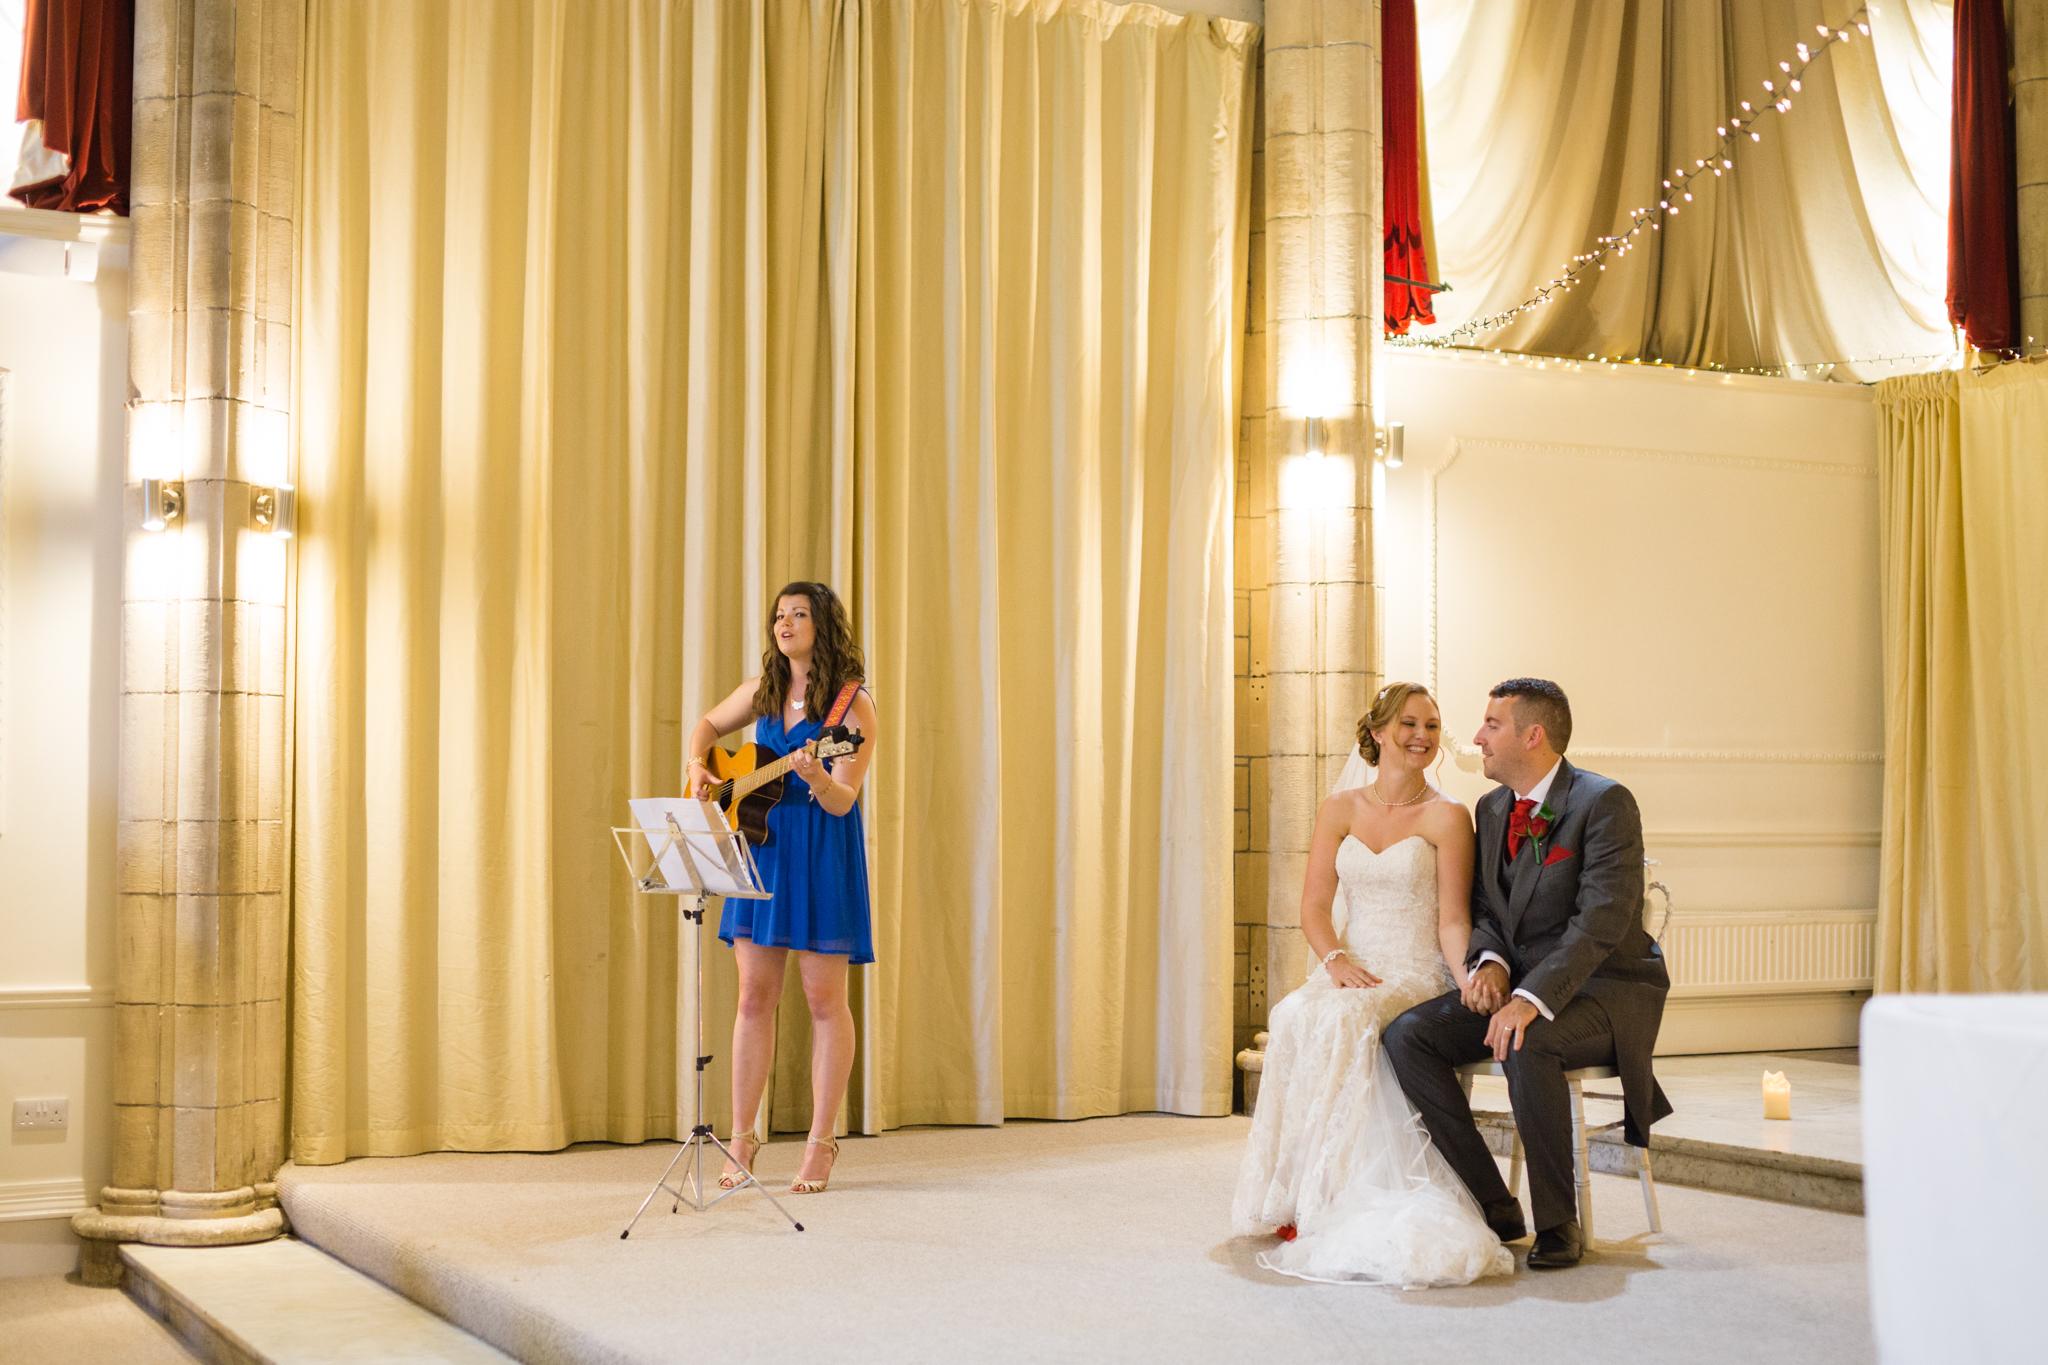 Simon_Rawling_Wedding_Photography-123.jpg